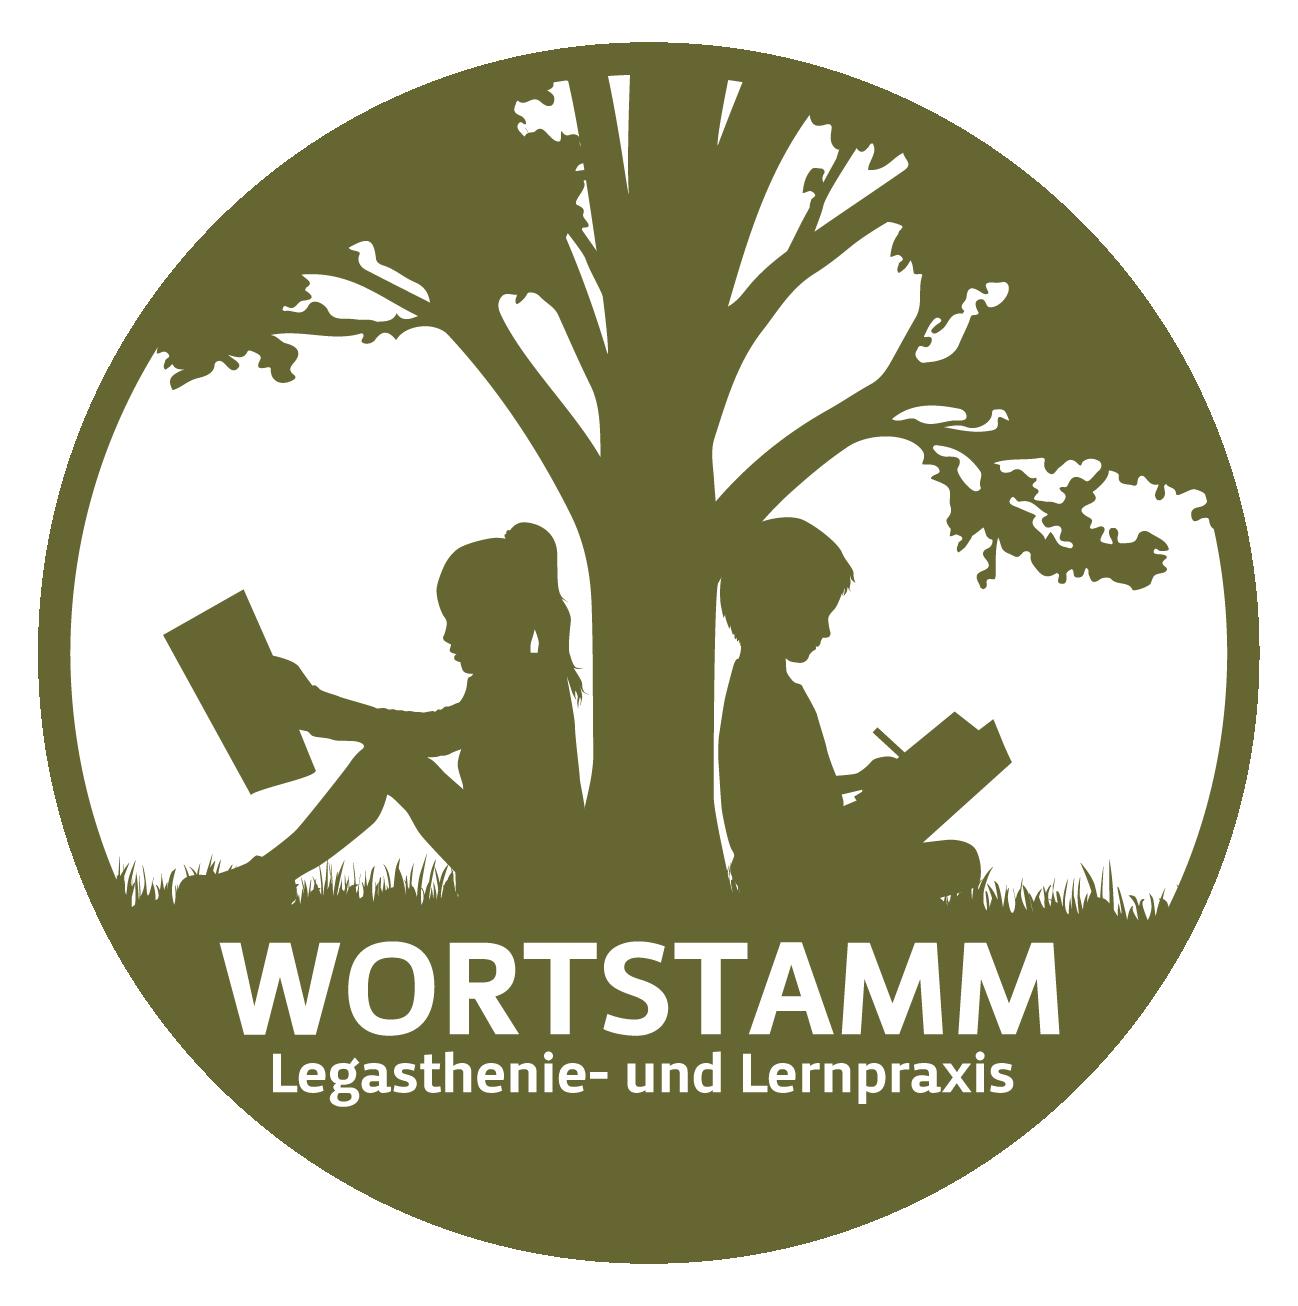 Wortstamm